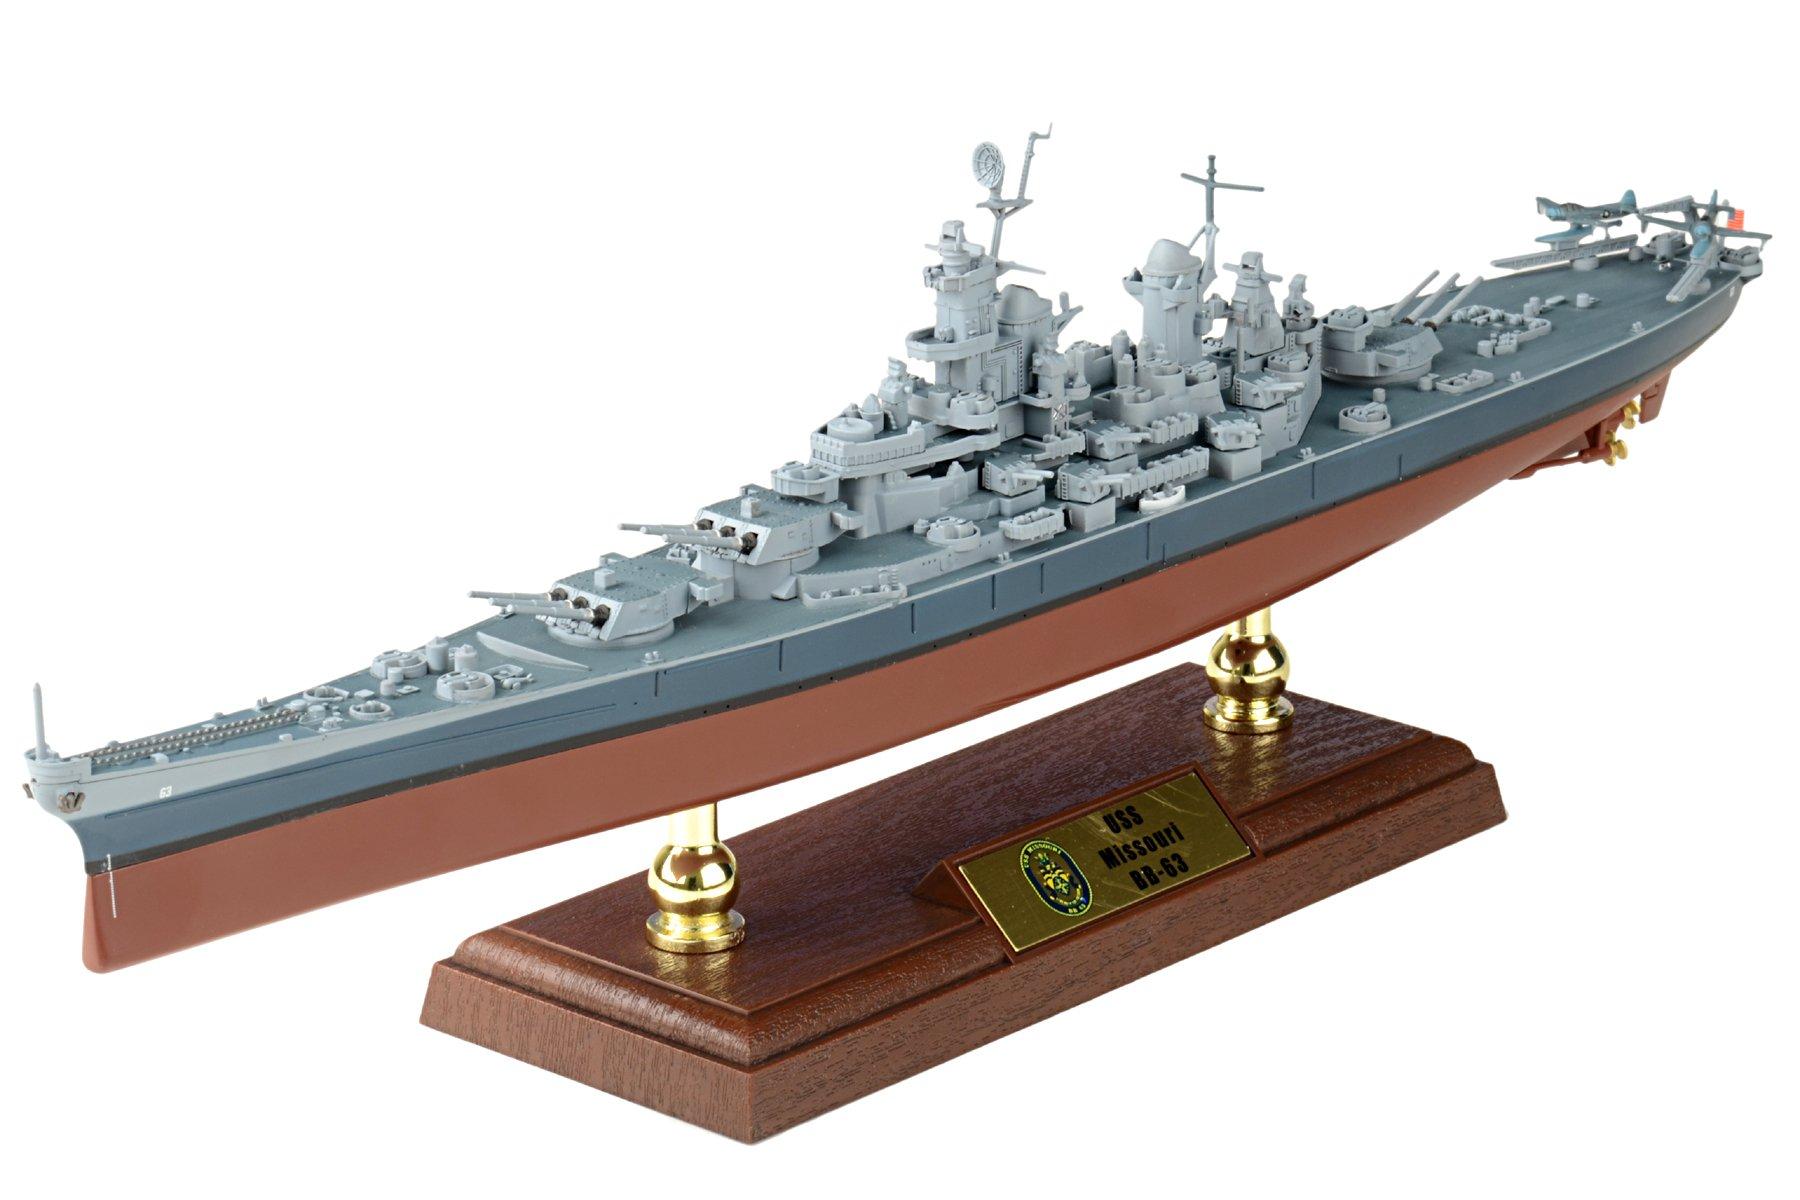 1:700 Scale USS Missouri Battleship